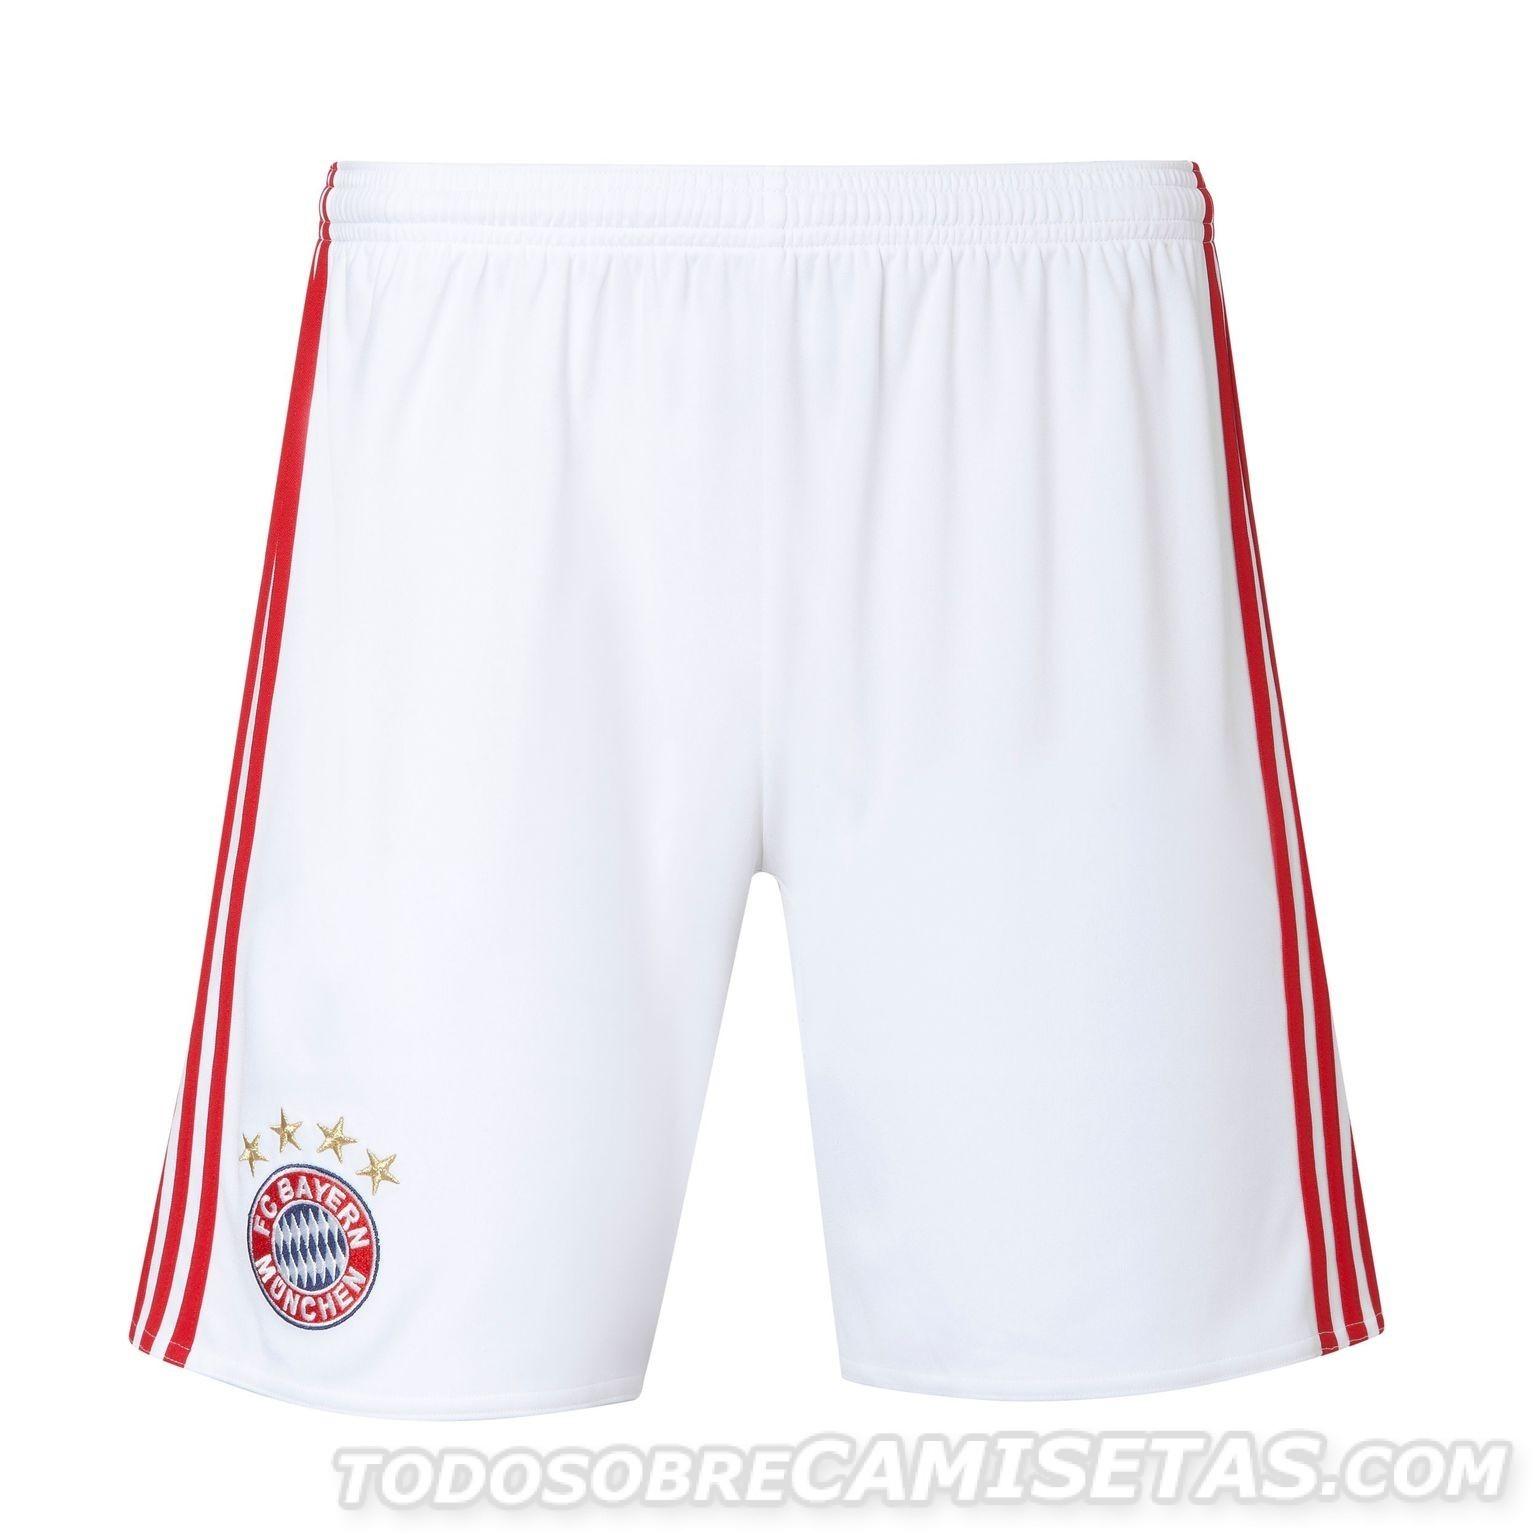 Bayern-Munich-2016-17-adidas-new-home-kit-9.jpg